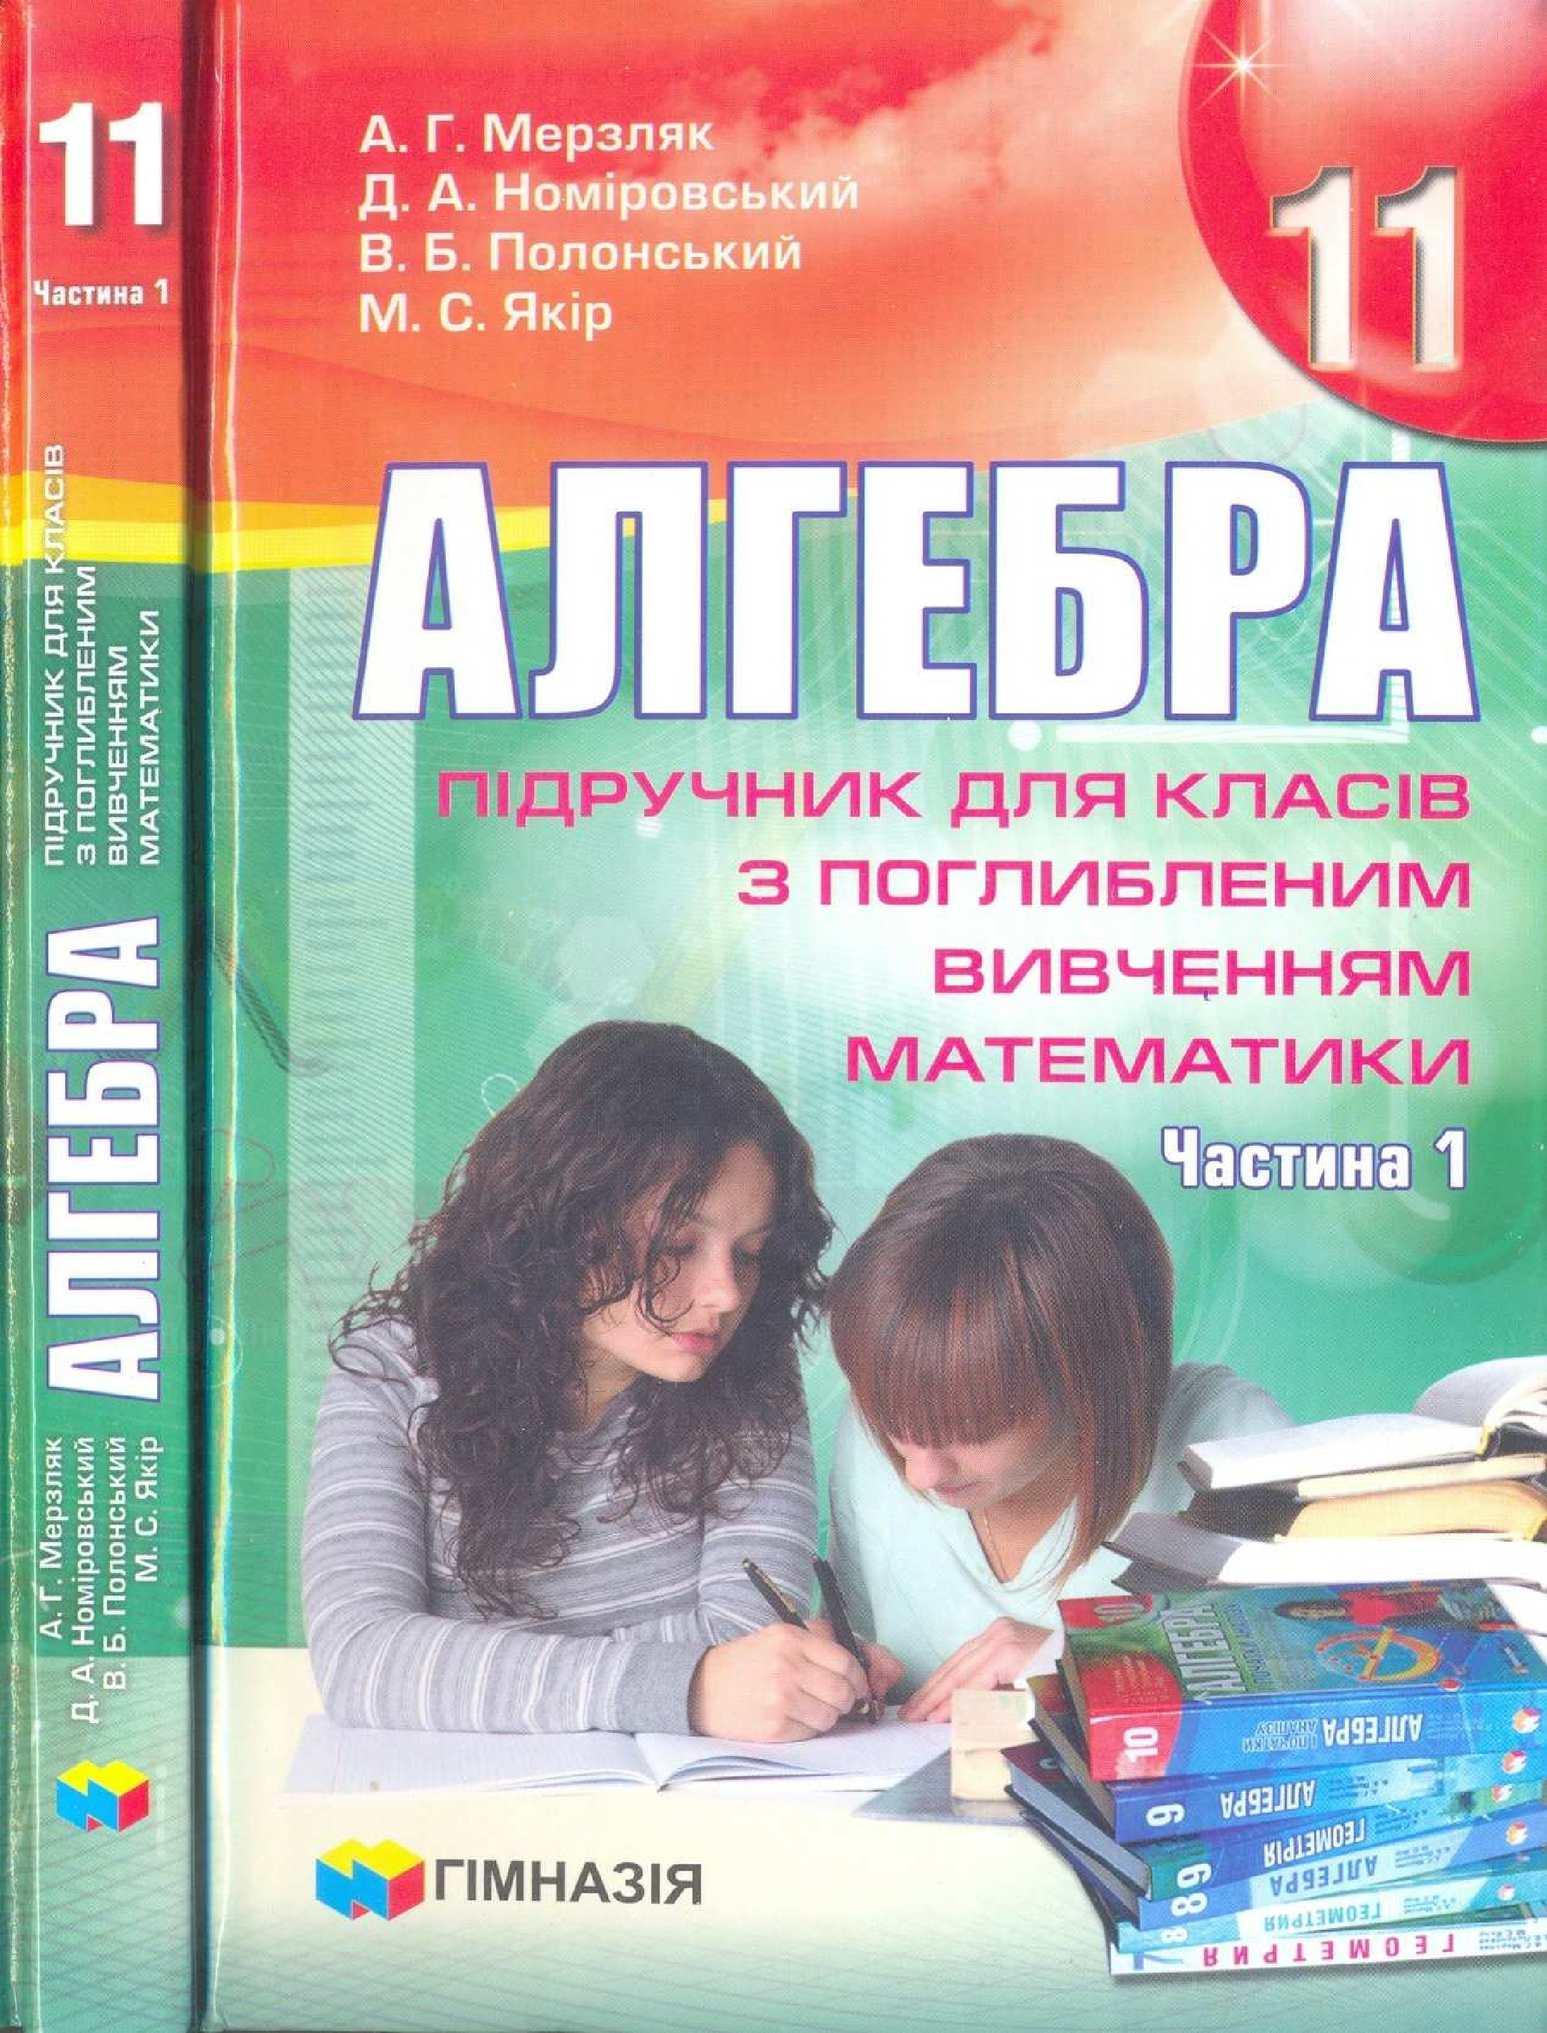 Гдз з алгебры 8 класс з поглибленим вивченням математики